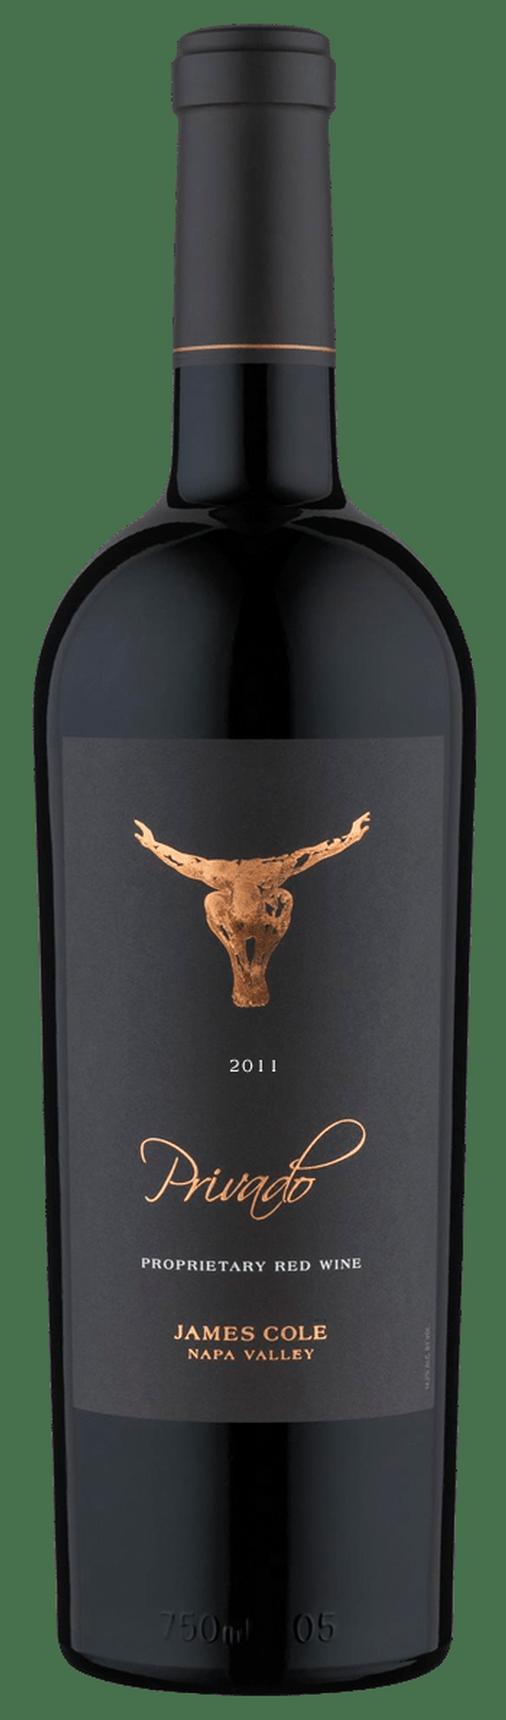 2011 Privado Red Wine